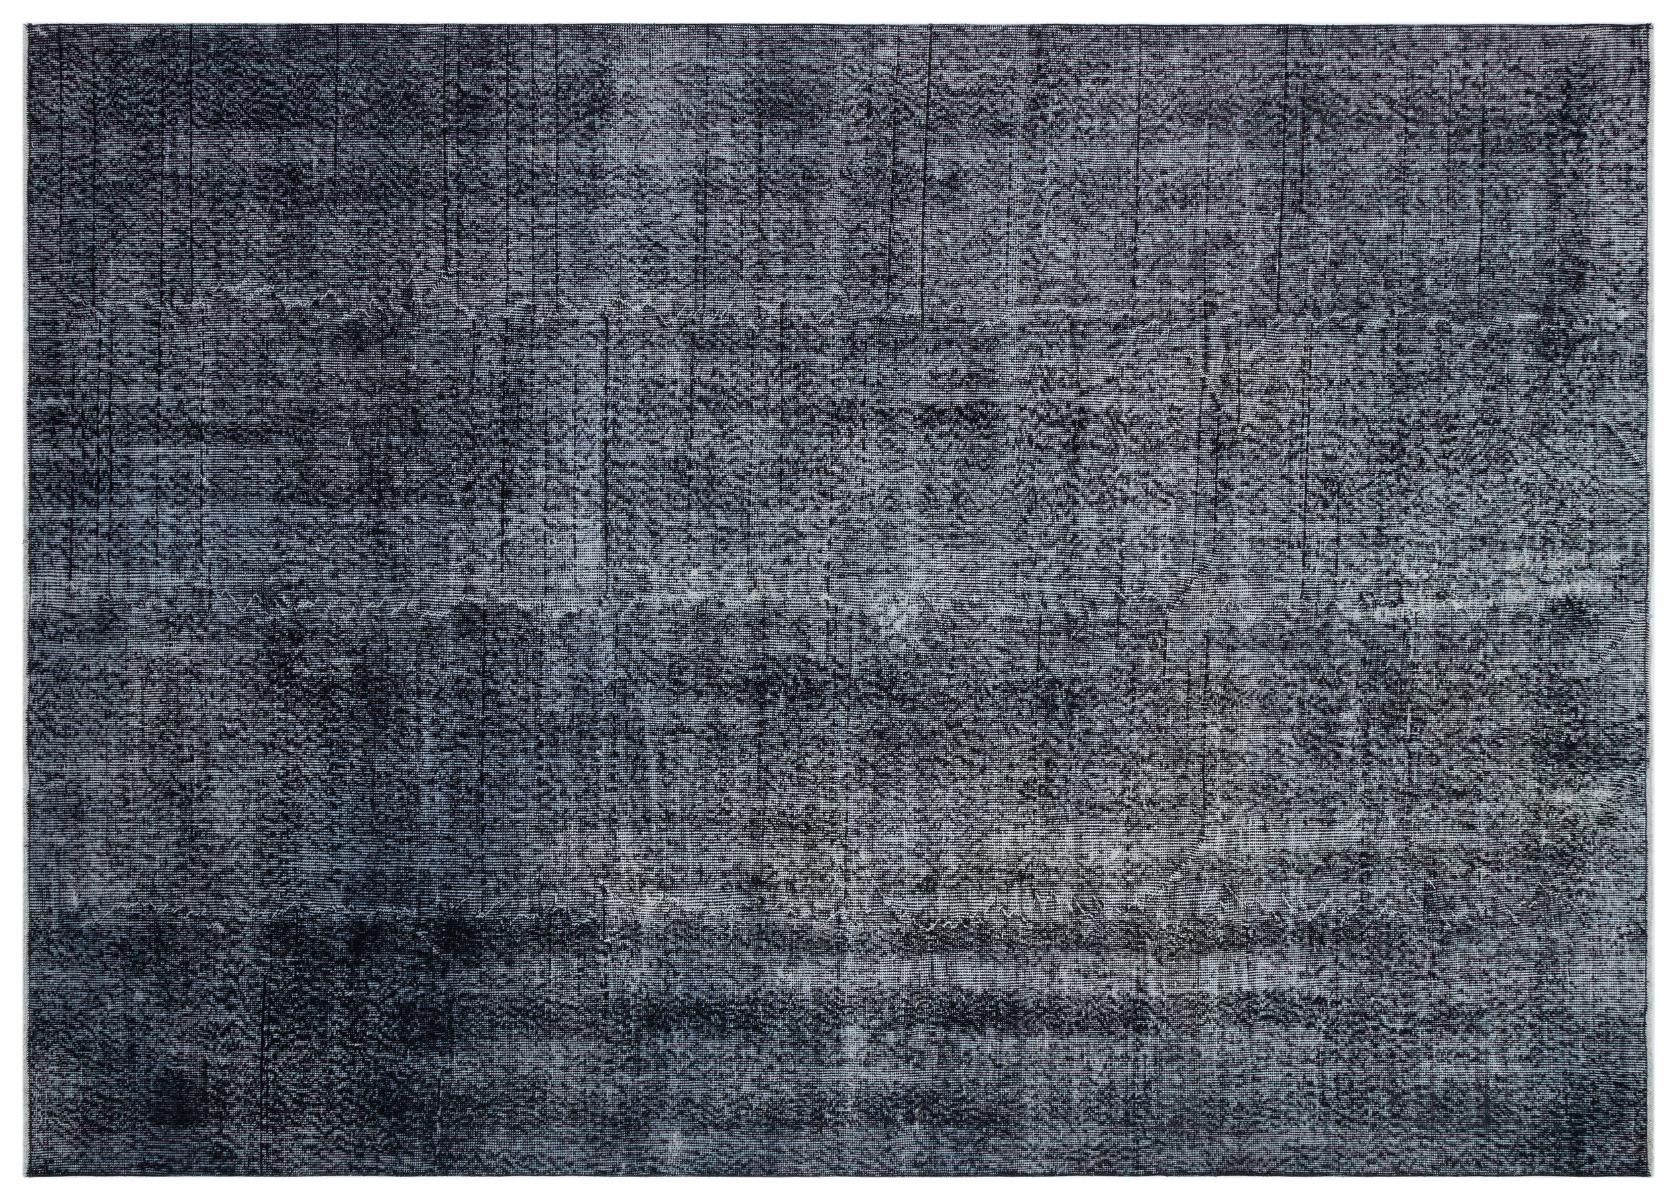 Vintage vloerkleed zwart nr:28148 290cm x 206cm